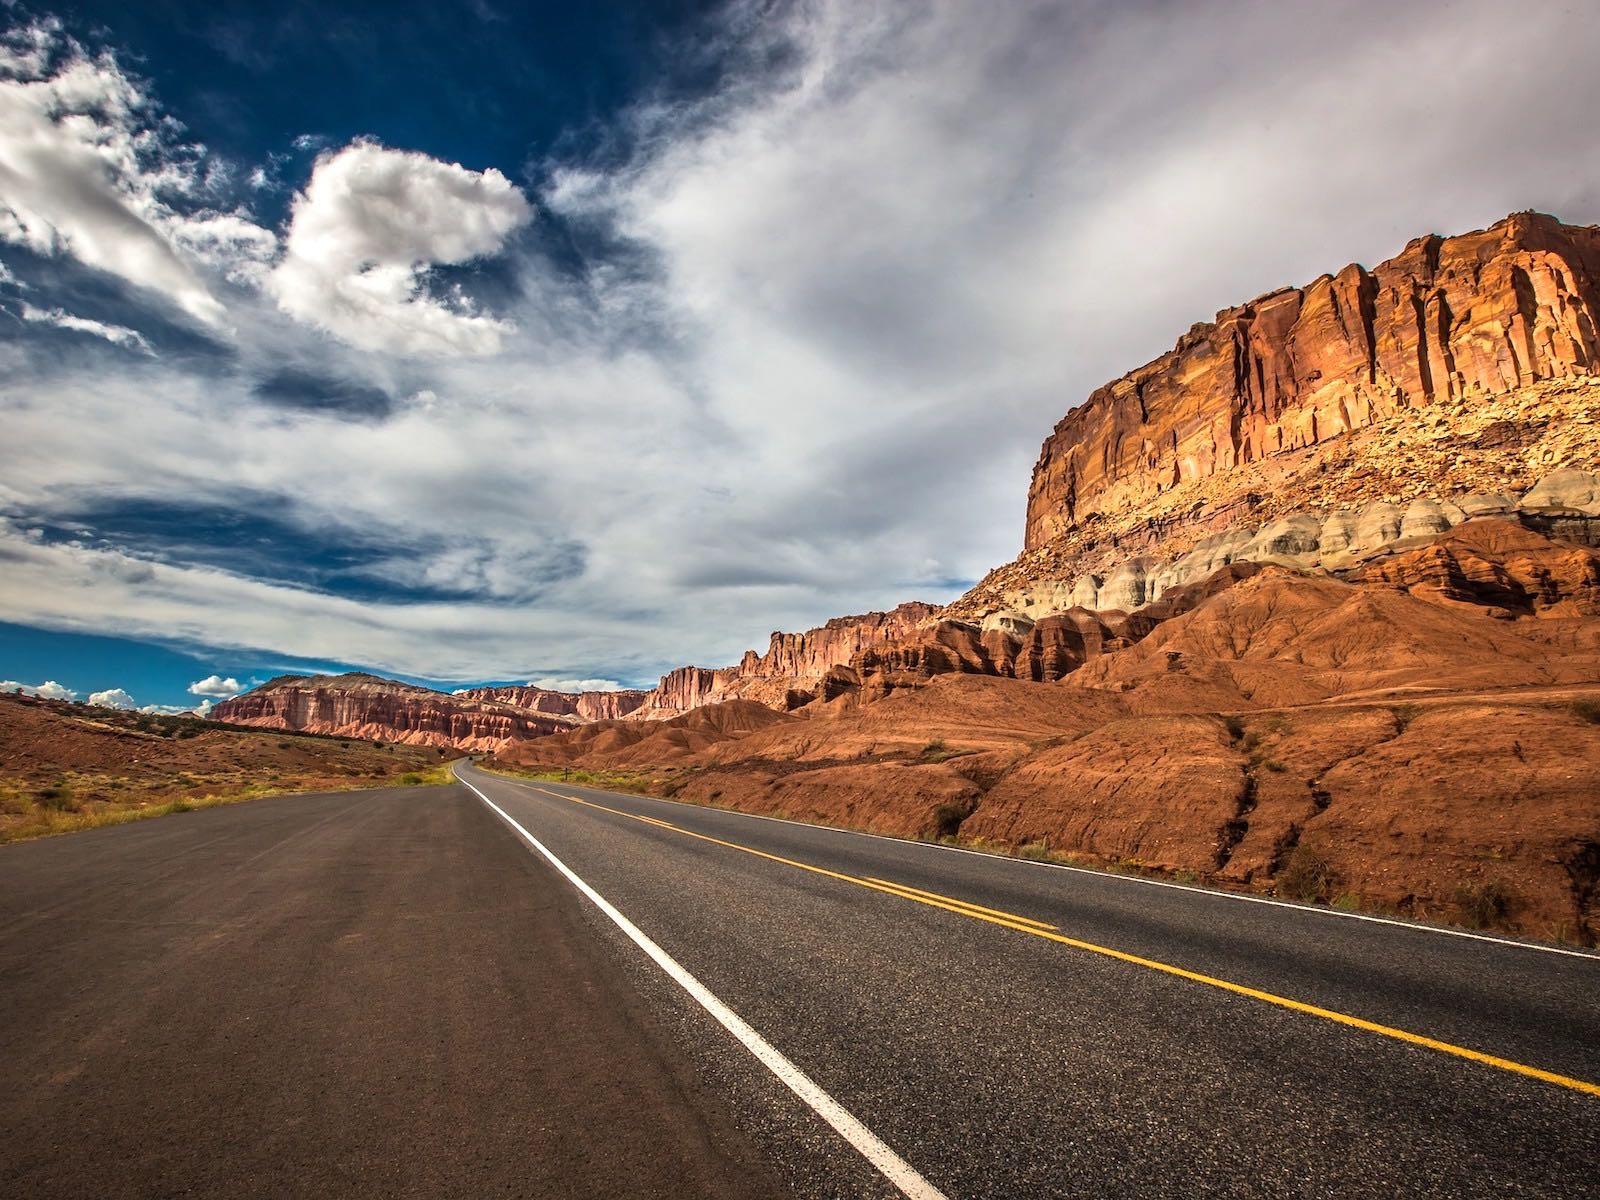 autoroutes in Amerika